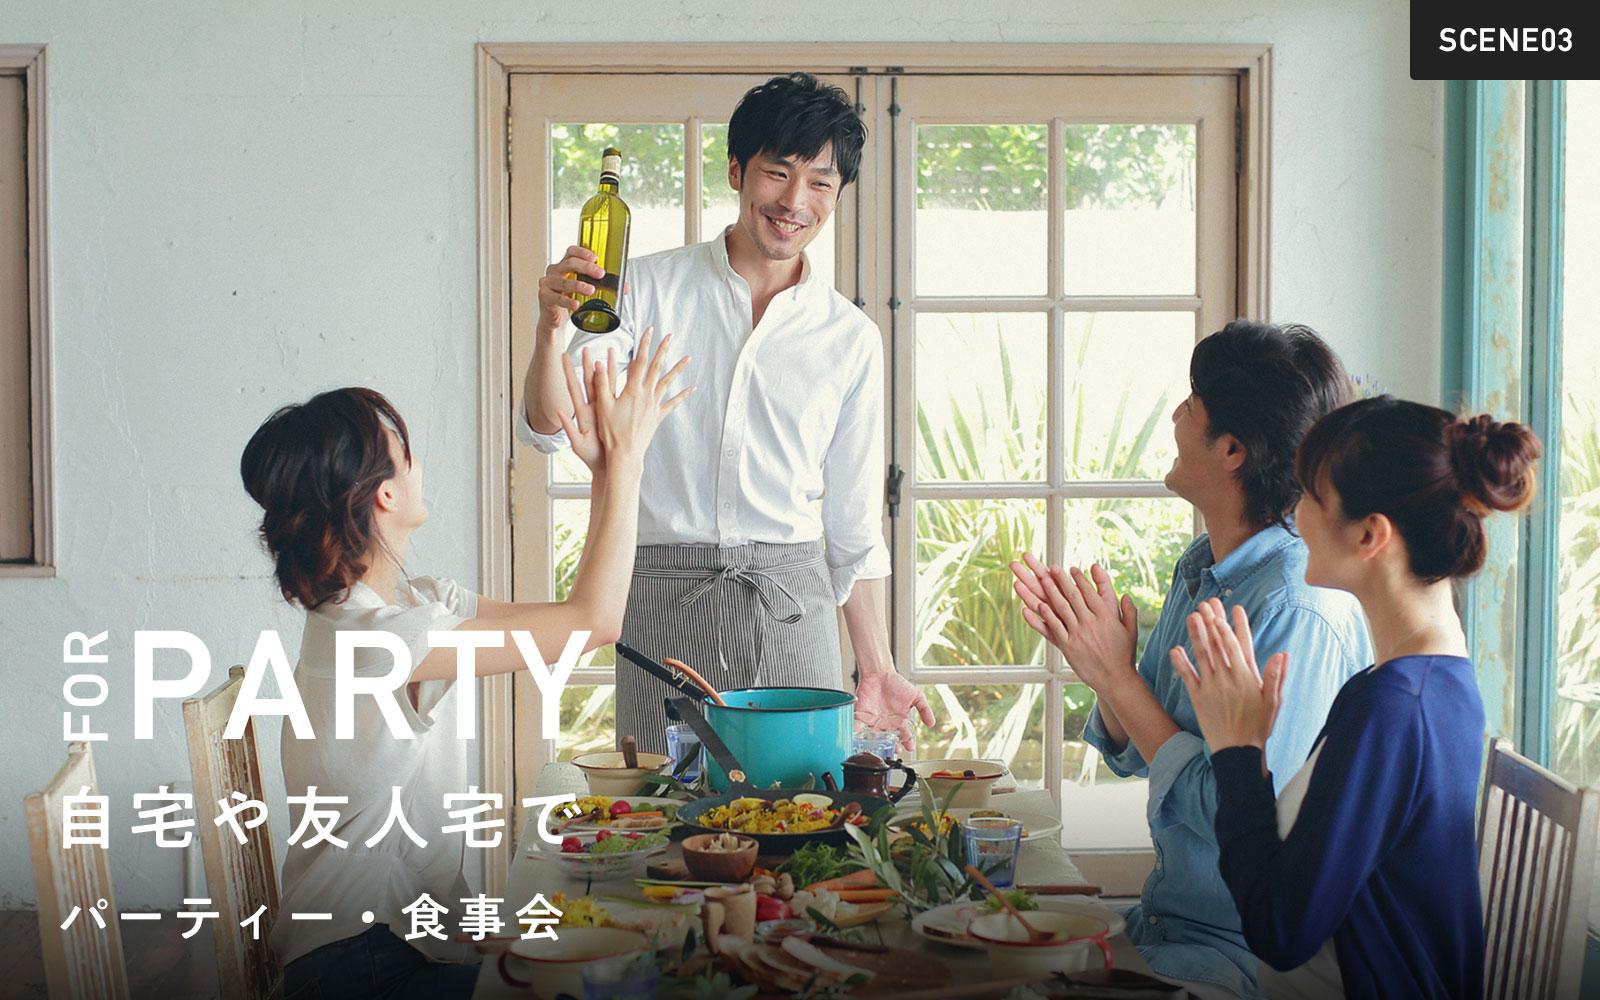 SCENE 03 自宅や友人宅でパーティー・食事会